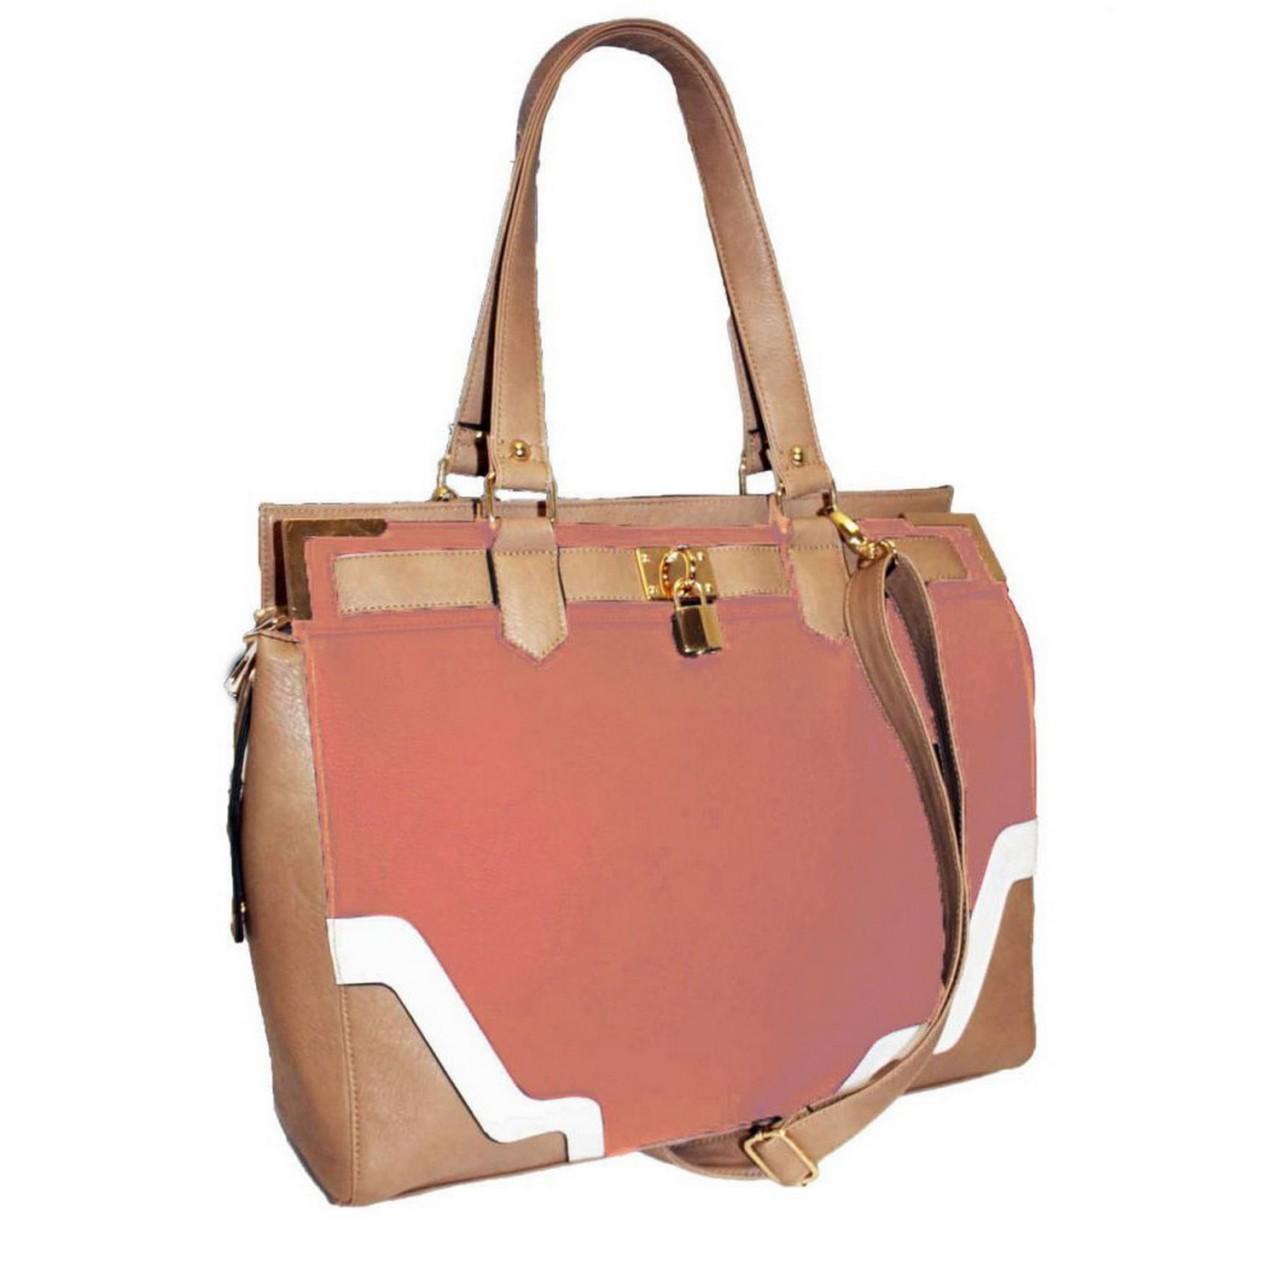 Damen Handtasche rosa / Schultertasche / Shopper